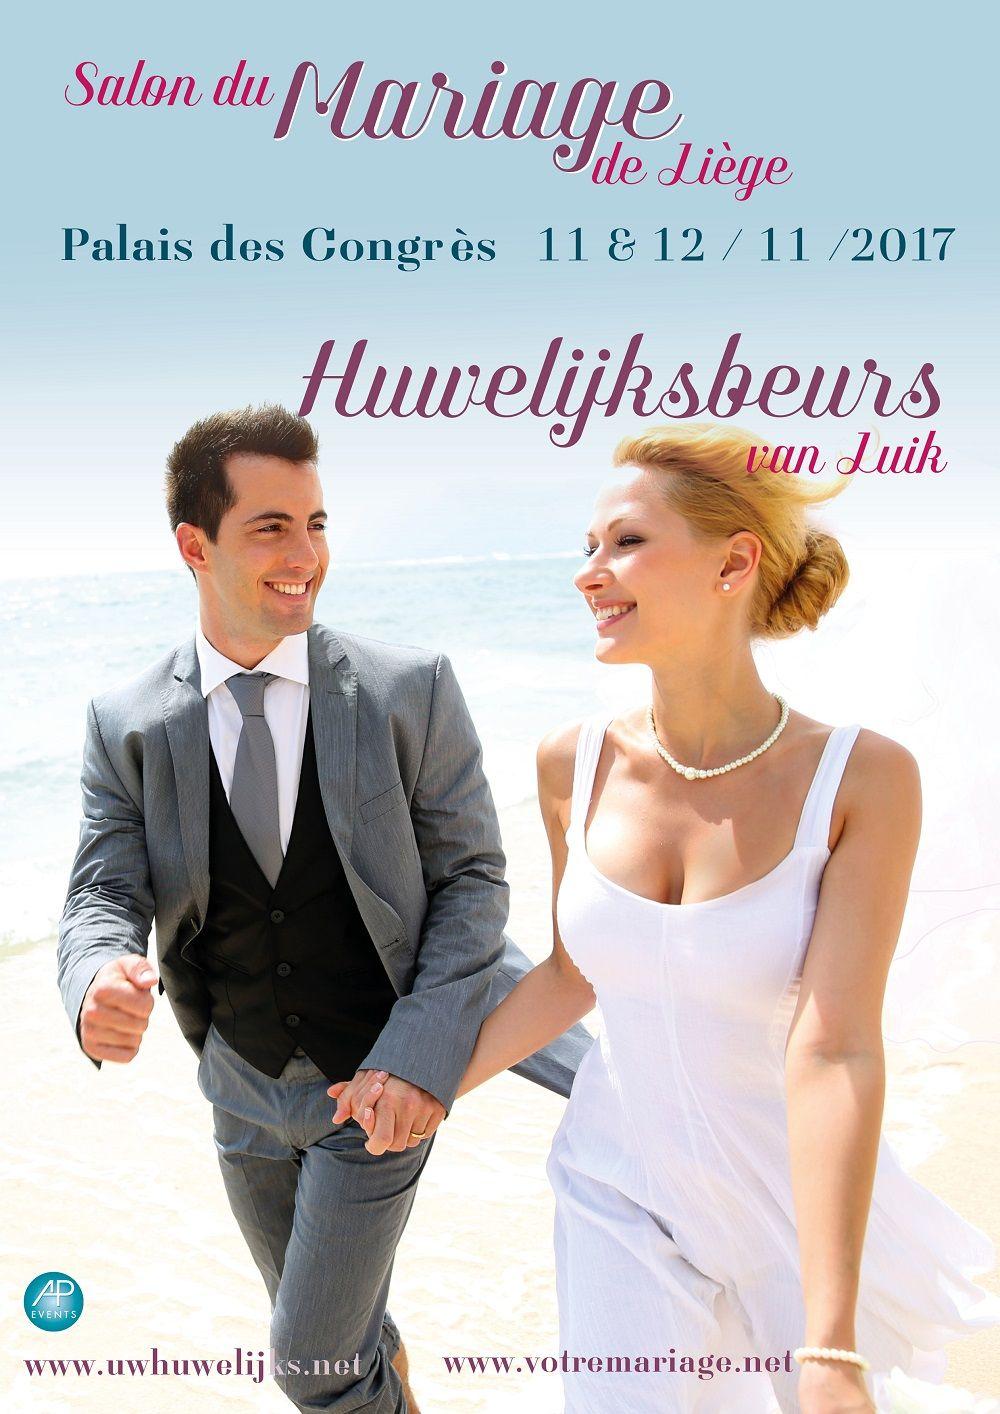 salon du mariage liege - palais des congres